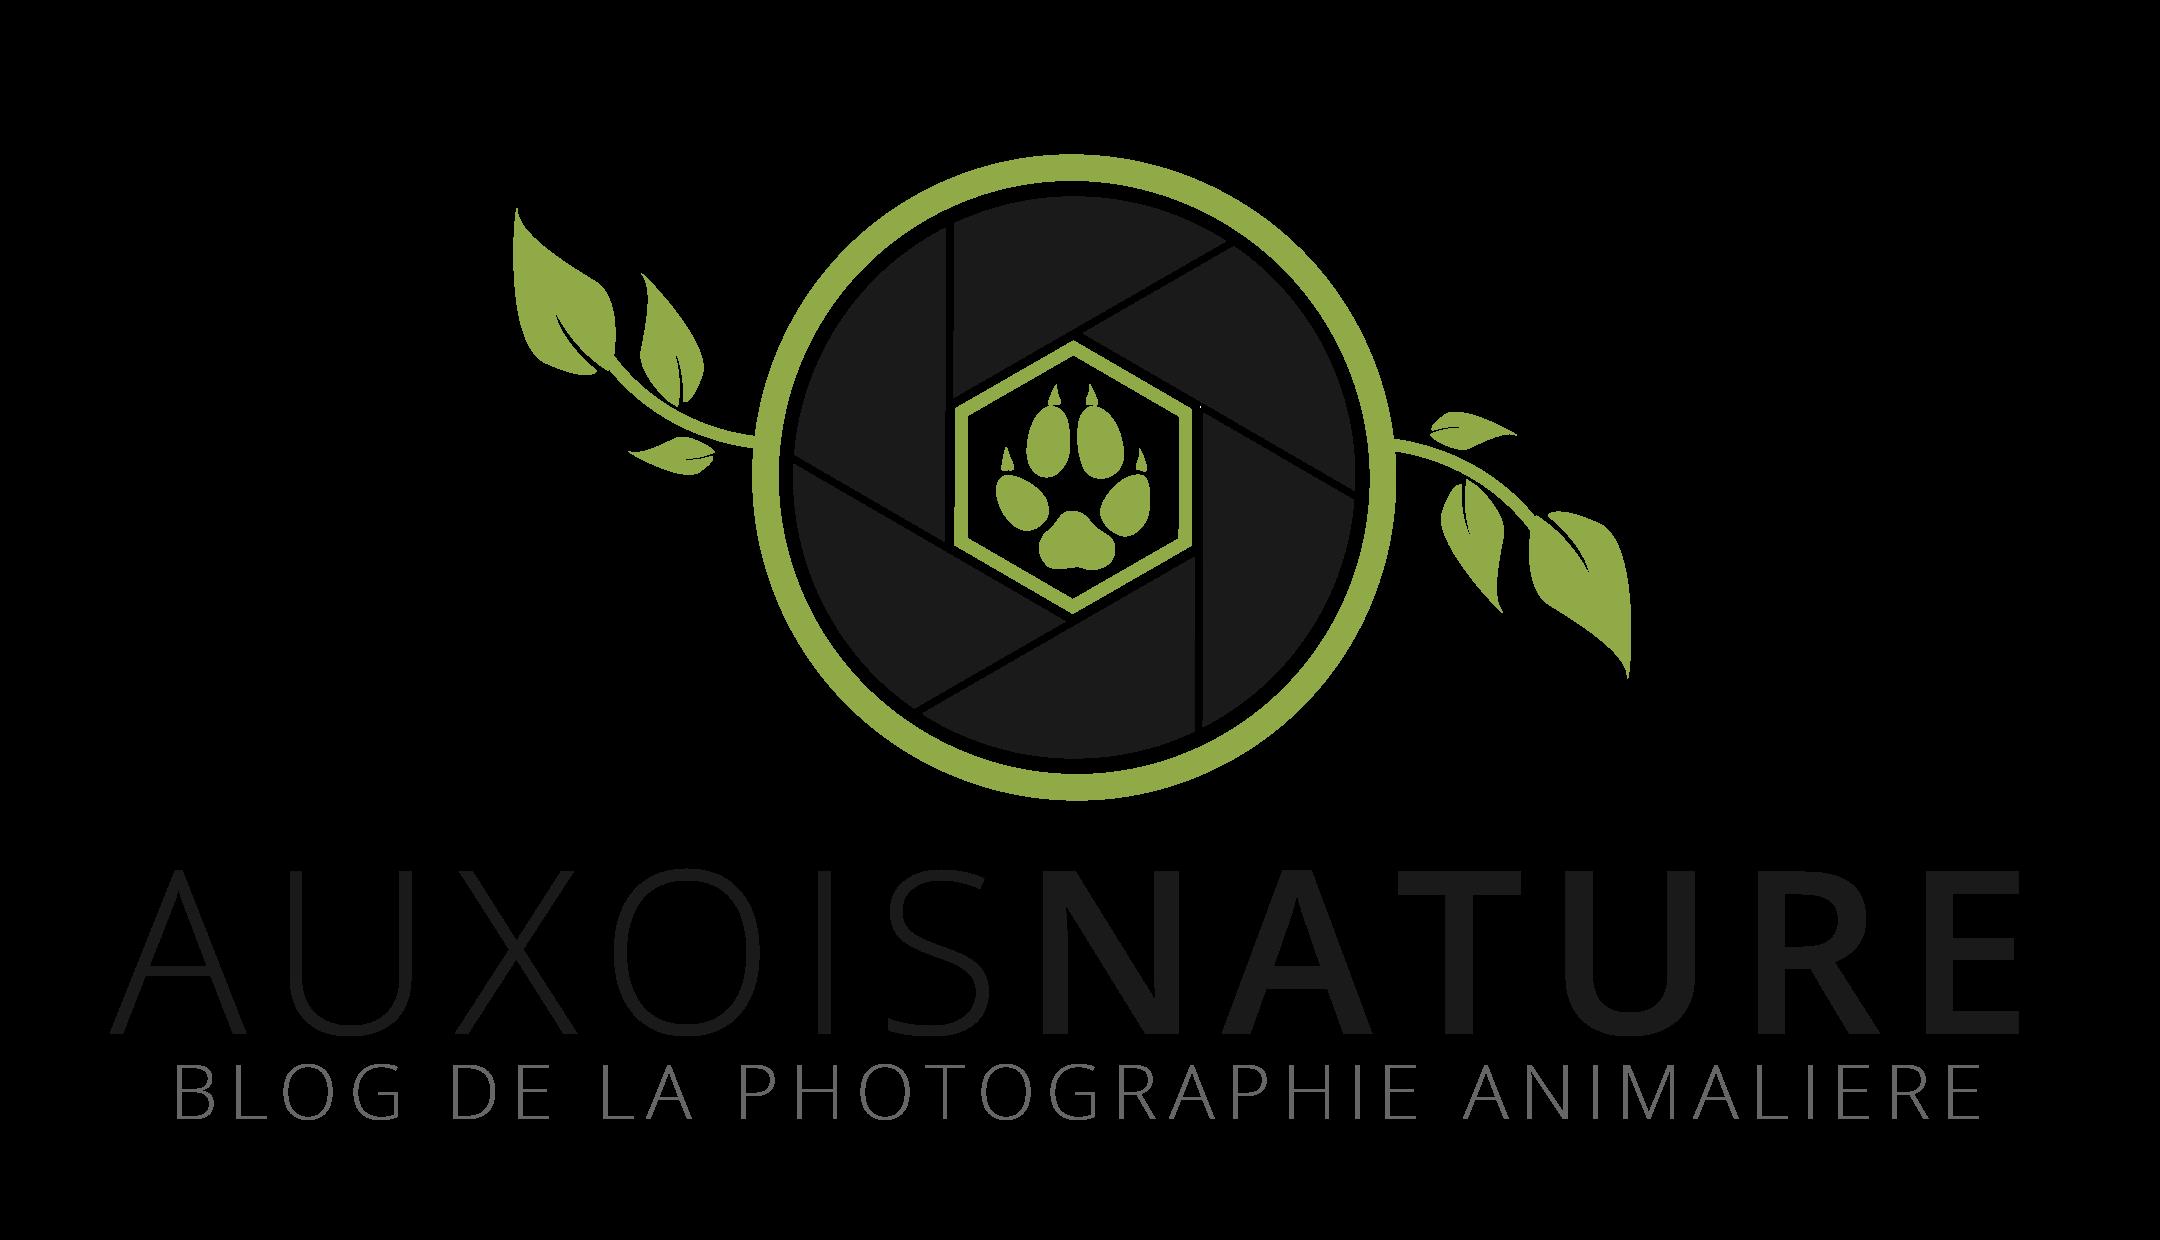 Auxois Nature - Le Blog de la photographie animalière - Régis Moscardini